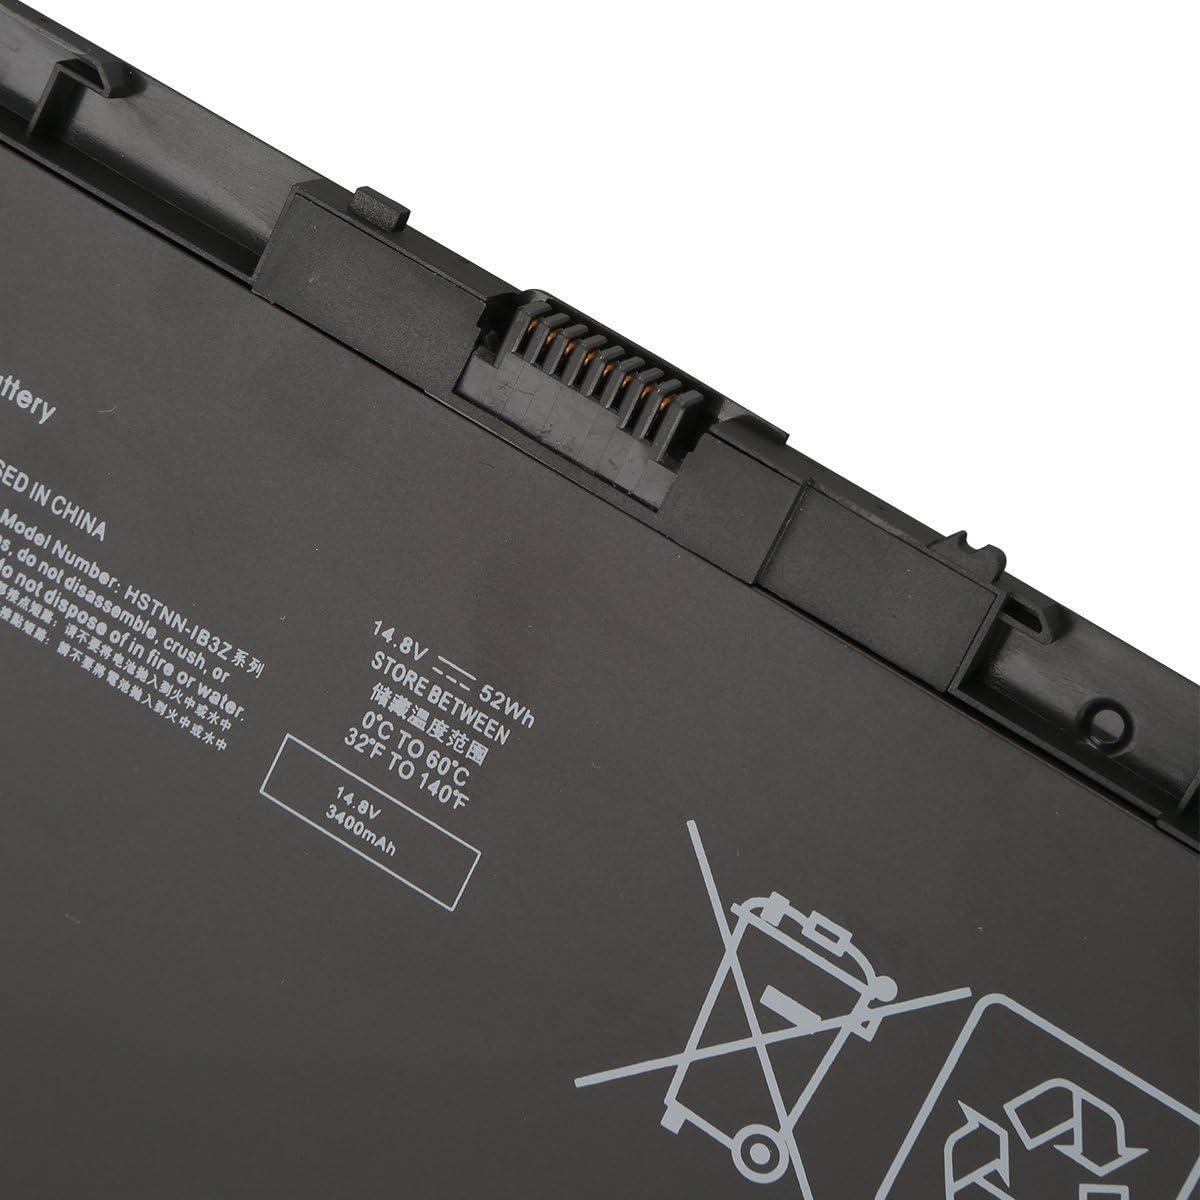 7XINbox 52Wh 14.8V 6 Cell Replacement Notebook Battery BT04XL for HP EliteBook Folio 9470 9470M Series Laptop HSTNN-IB3Z HSTNN-I10C BT04 BA06 687517-1C1